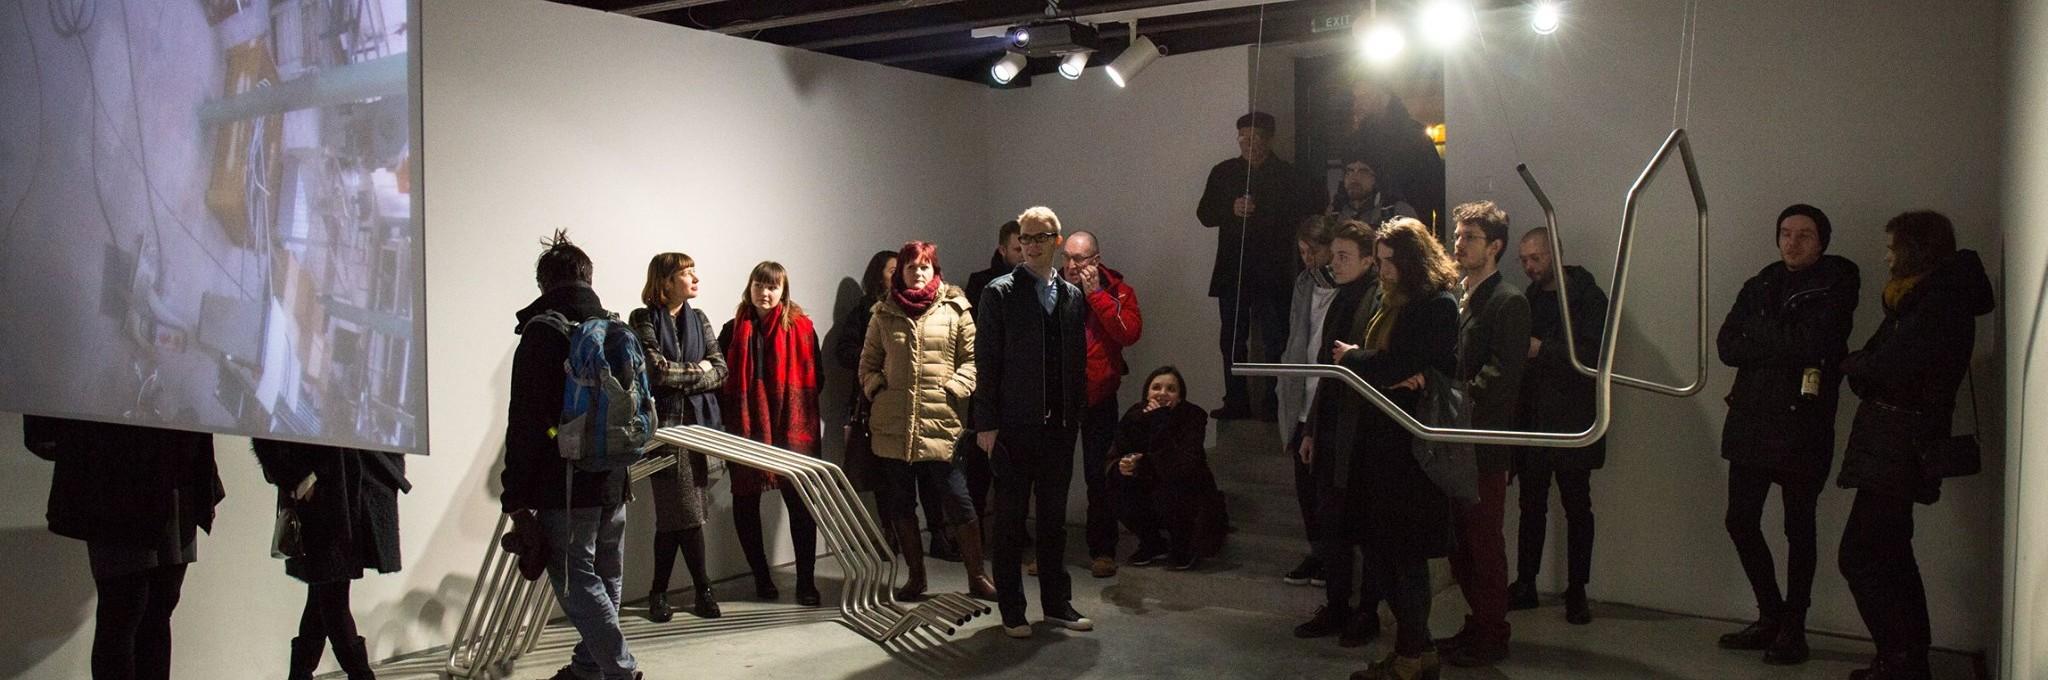 Pozvánka: Výstava Trajektória videnia v ± 0,0 v Žiline